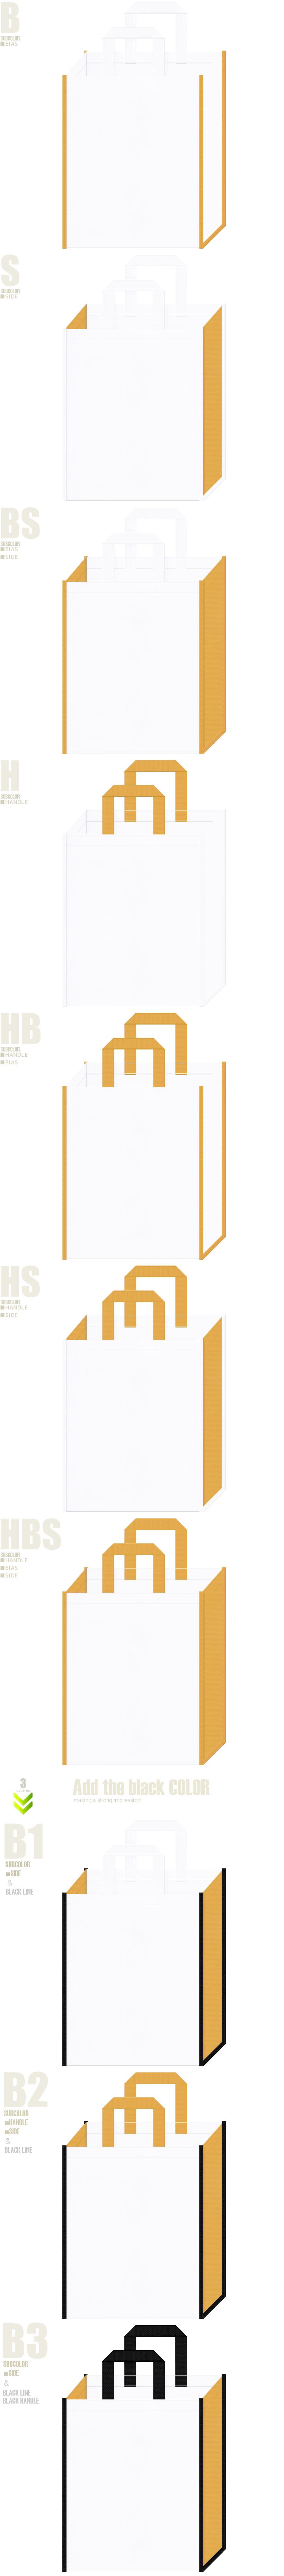 白色と黄土色の不織布バッグデザイン。学校・オープンキャンパス用のバッグにお奨めです。